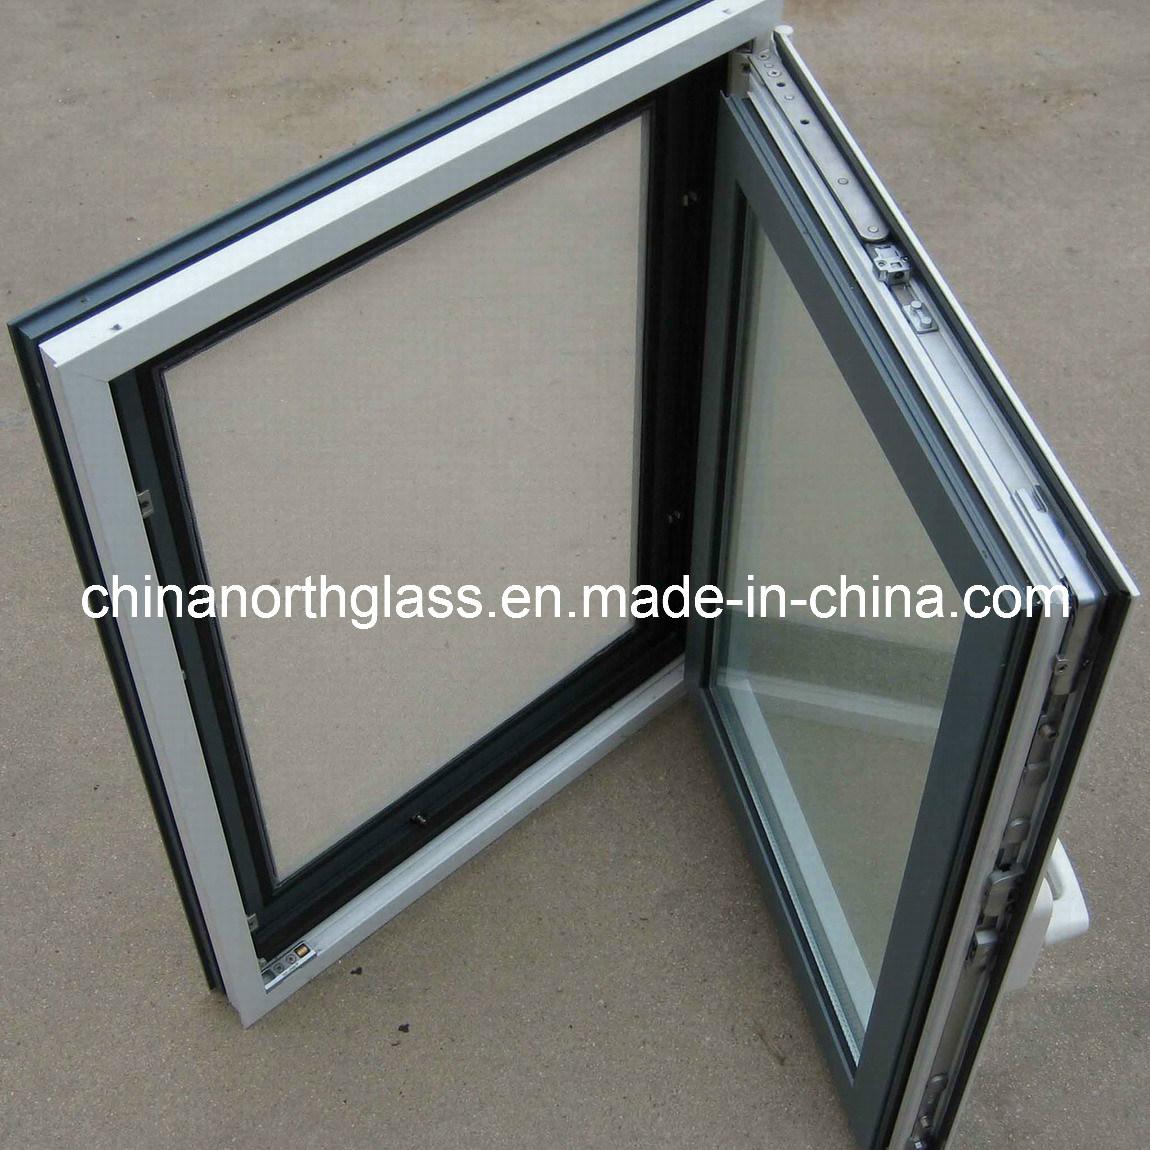 Rotura de puente t rmico ventana de aluminio rotura de - Ventana rotura puente termico ...